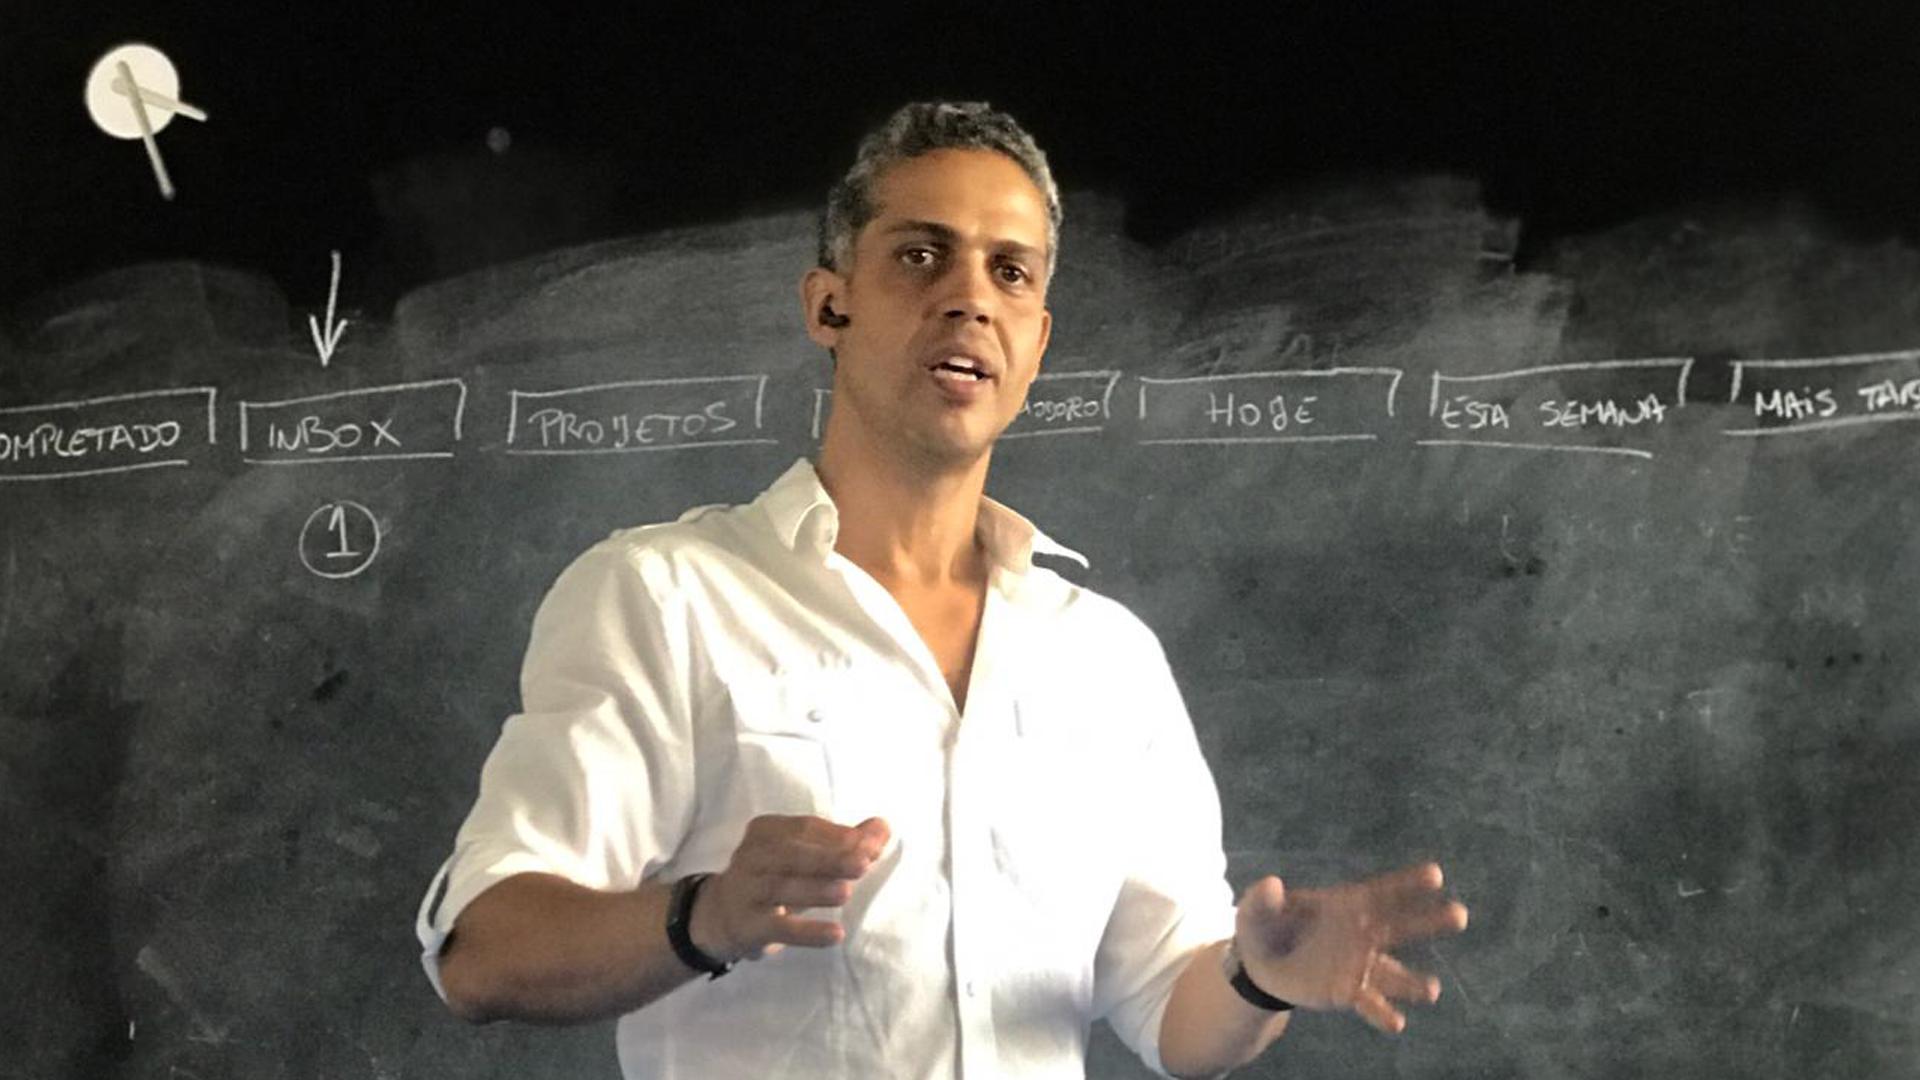 Eduardo Cirilo - Esta consultoria é conduzida pelo Prof. Eduardo Cirilo, especialista do DeROSE Method em desenvolvimento de Hábitos e Mindset de Alta Performance desde 1999.Formador CCP n.º F661947/2017 .